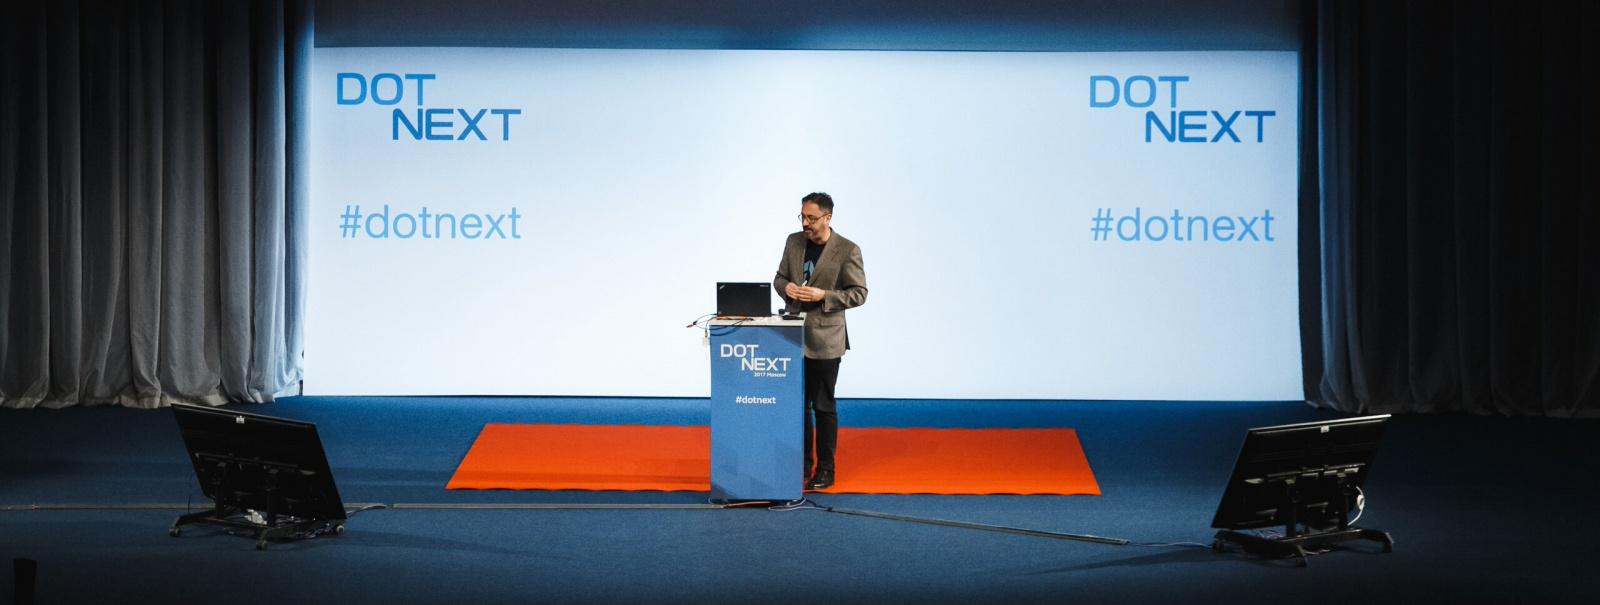 Обзор программы конференции DotNext 2018 Piter - 1